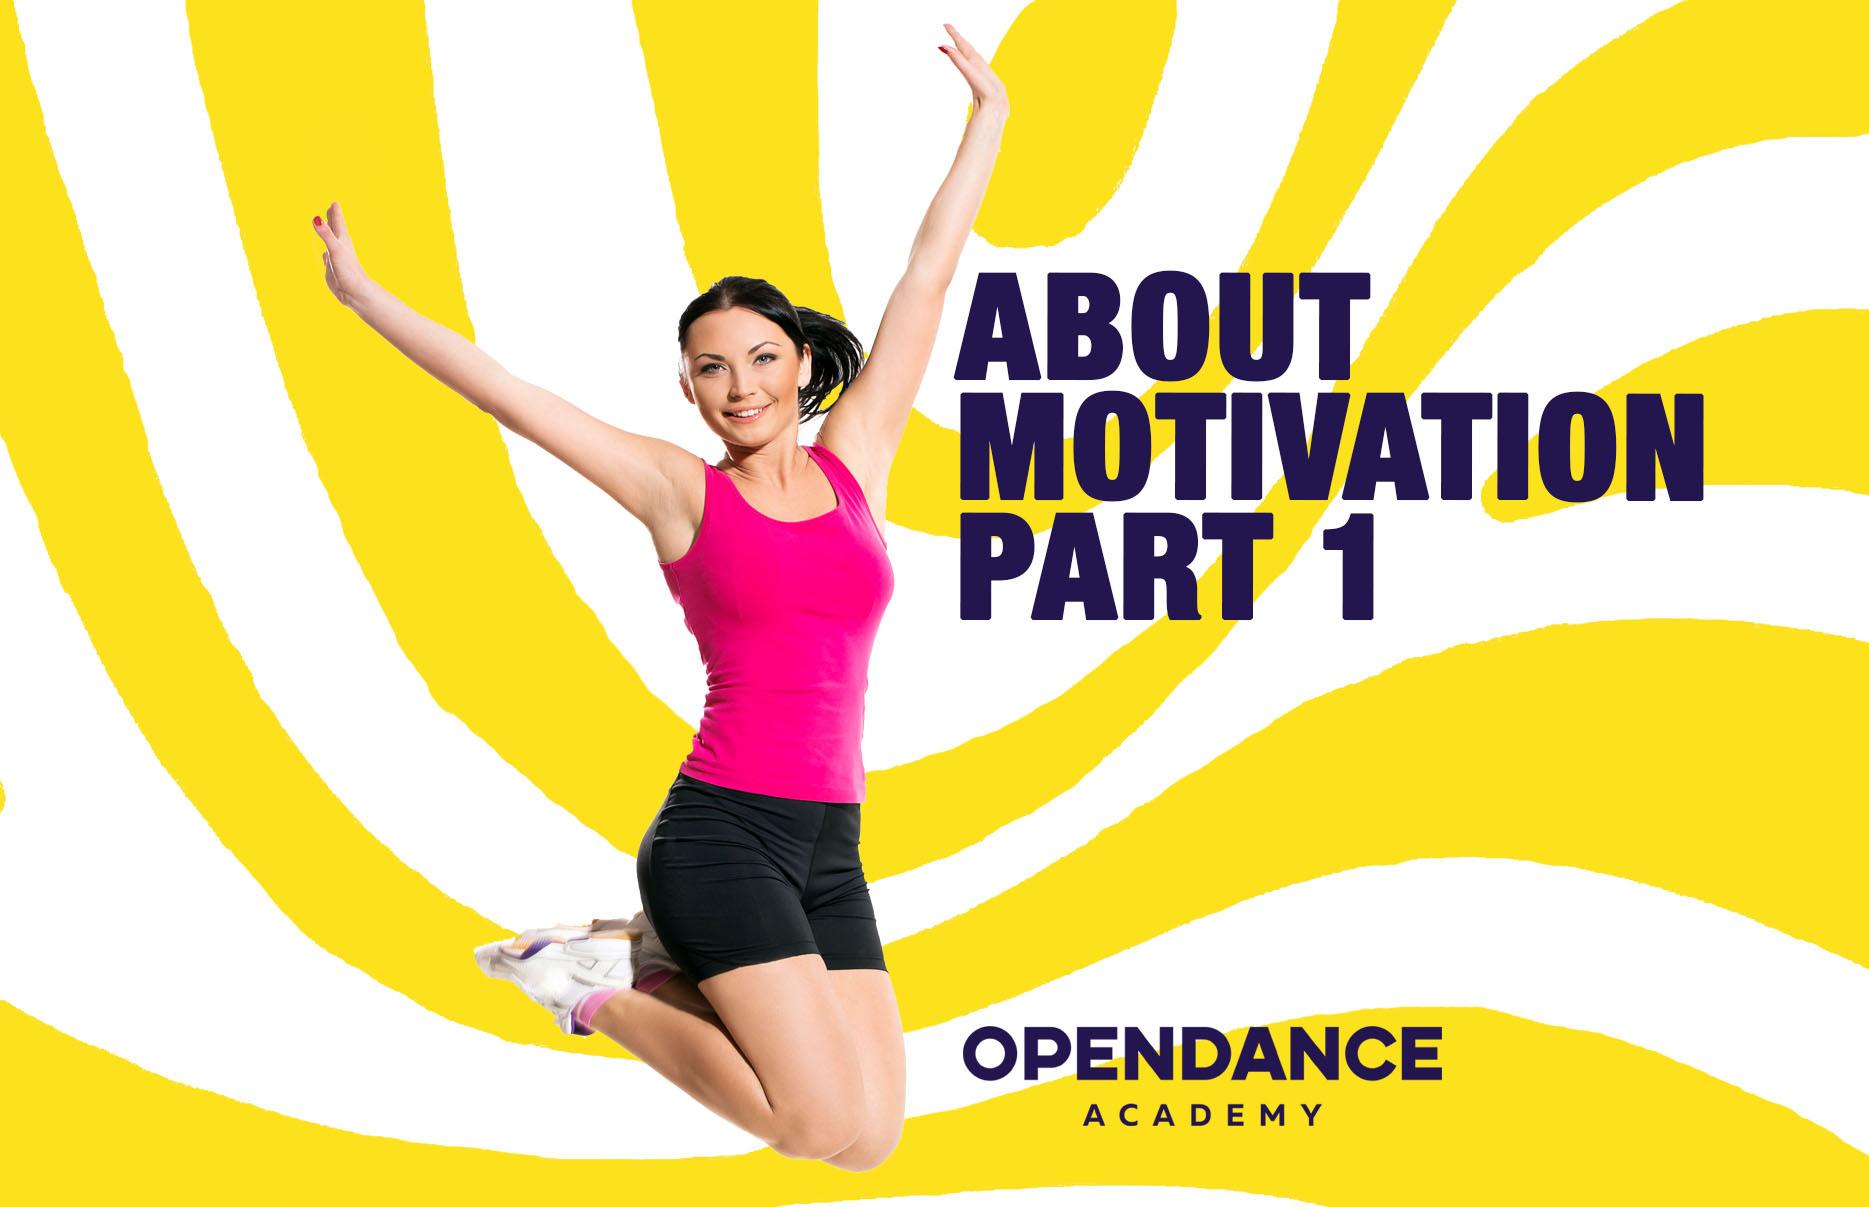 About Motivation Part 1